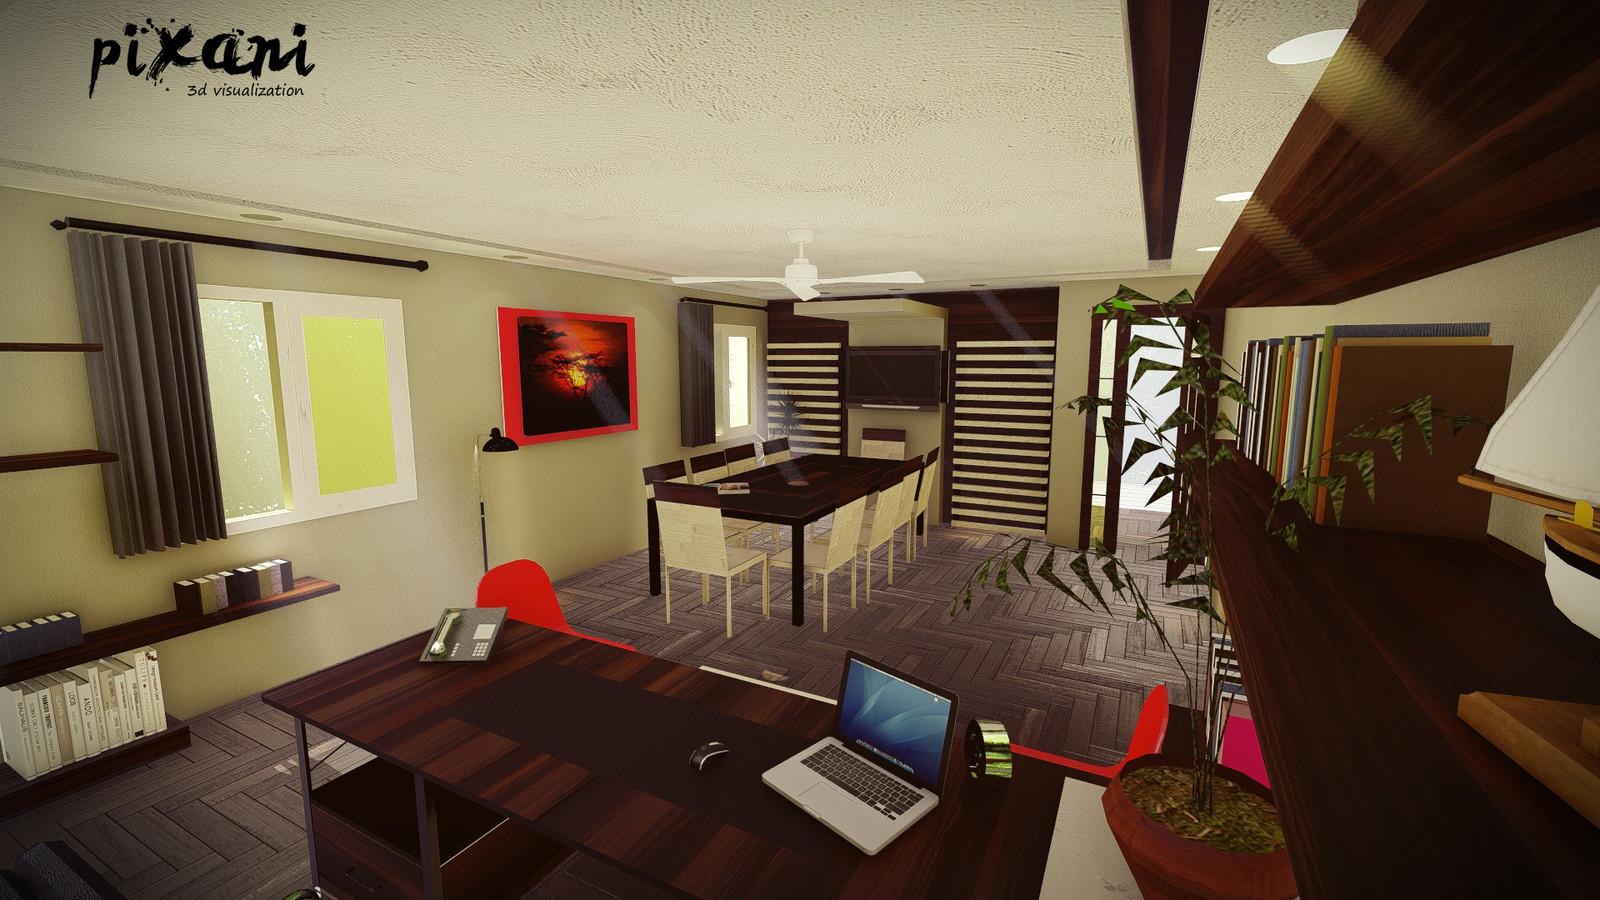 Sariogullari Office Design  #pixanirenders